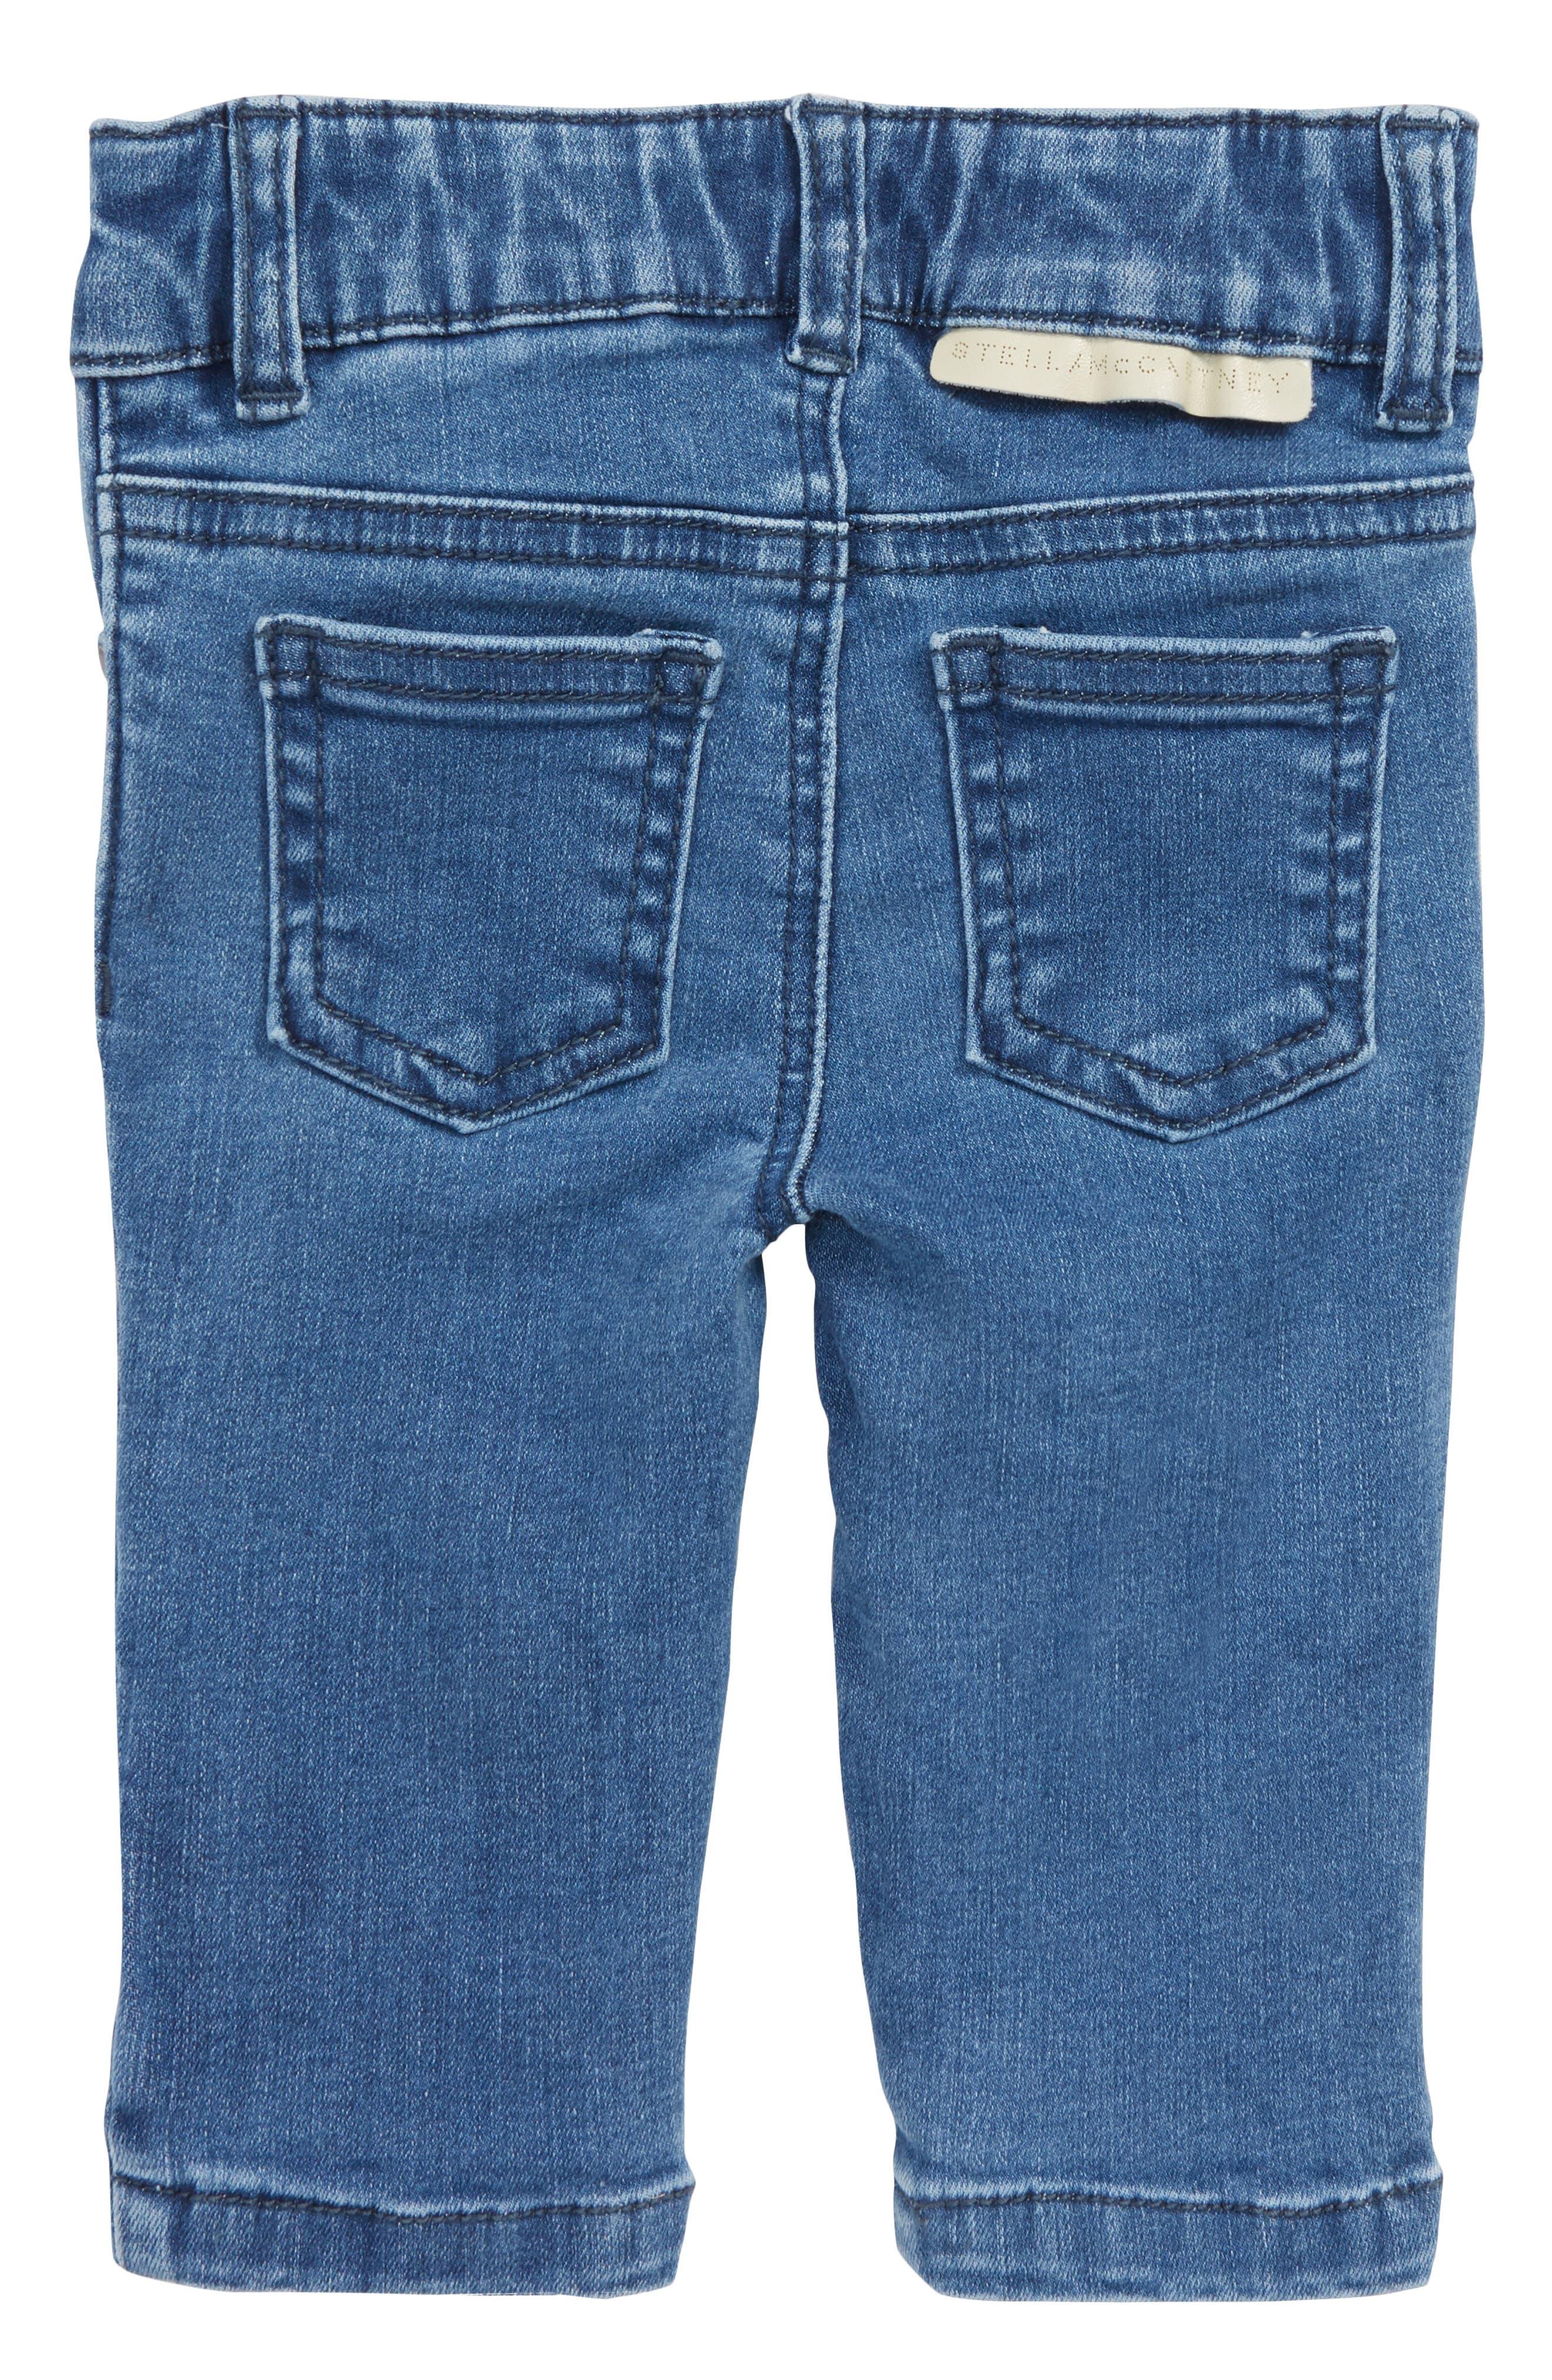 Bob Heart Patch Jeans,                             Alternate thumbnail 2, color,                             BLUE